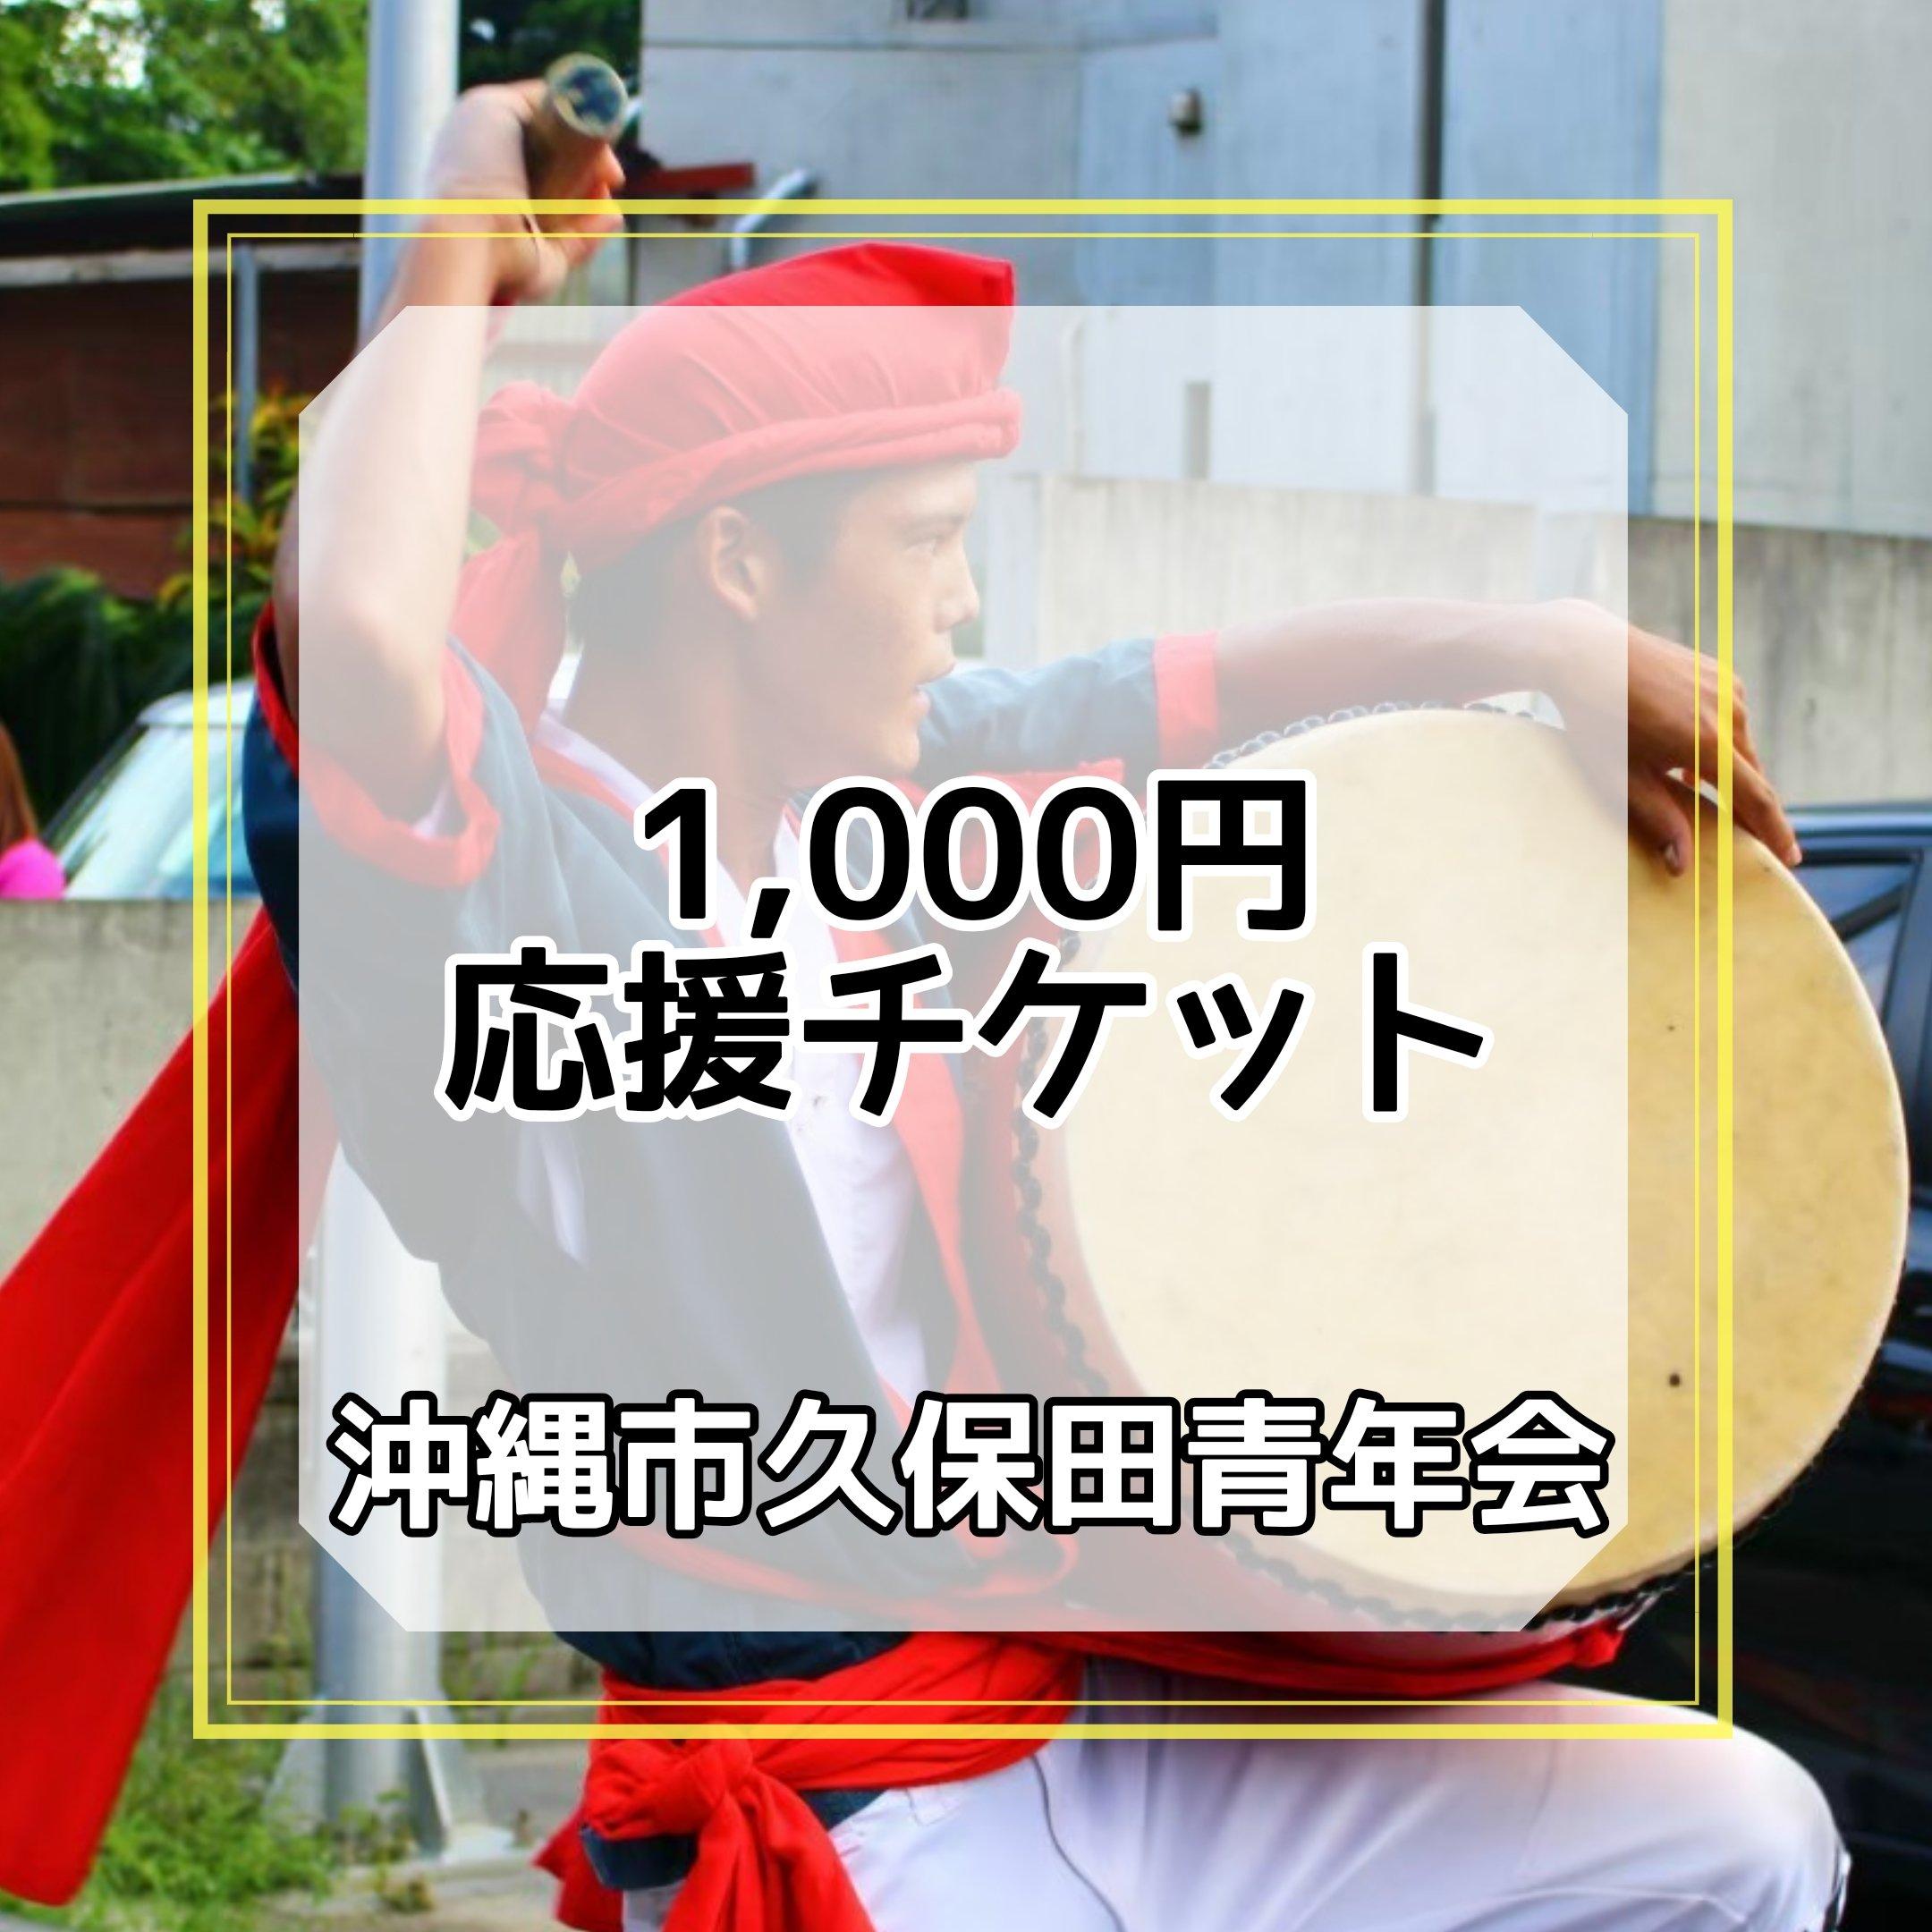 1,000円/応援チケット【沖縄市久保田青年会】のイメージその1